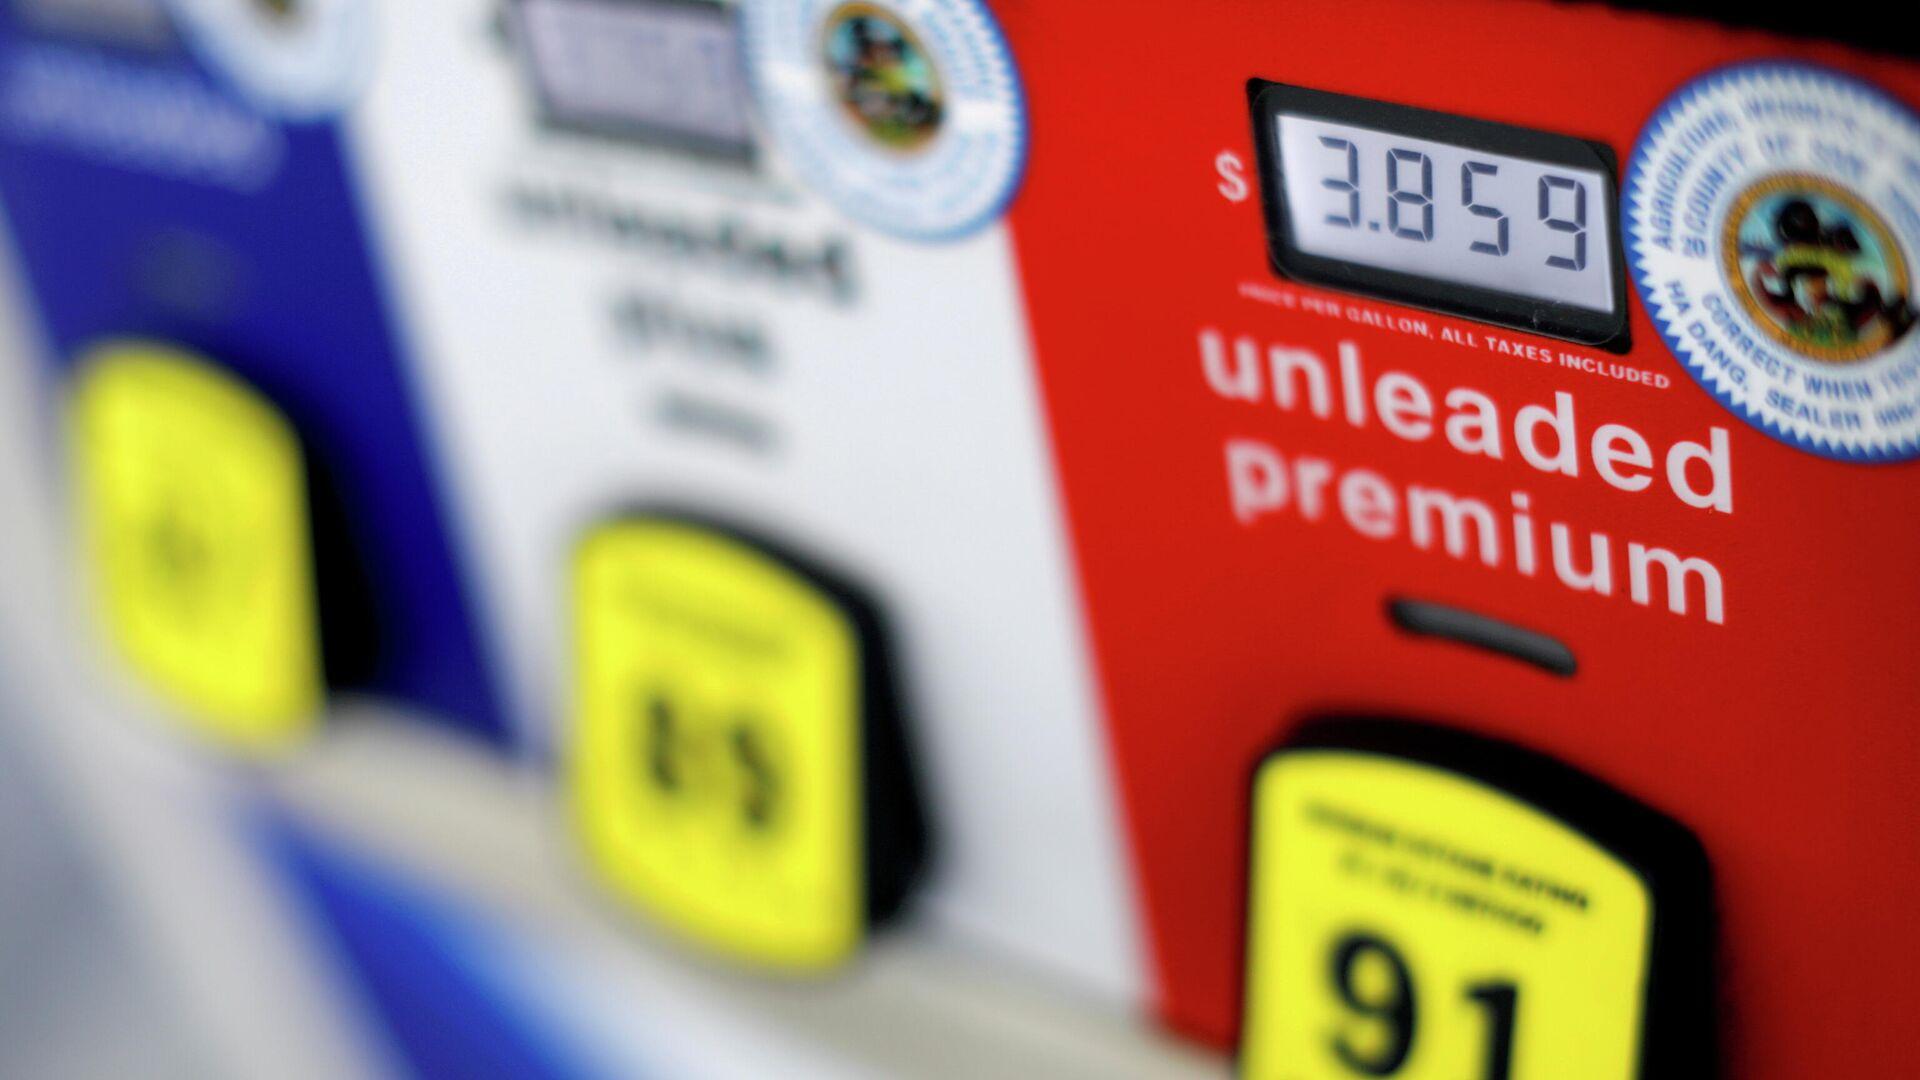 Цена на бензин на автозаправке в Сан-Диего, США - РИА Новости, 1920, 12.05.2021